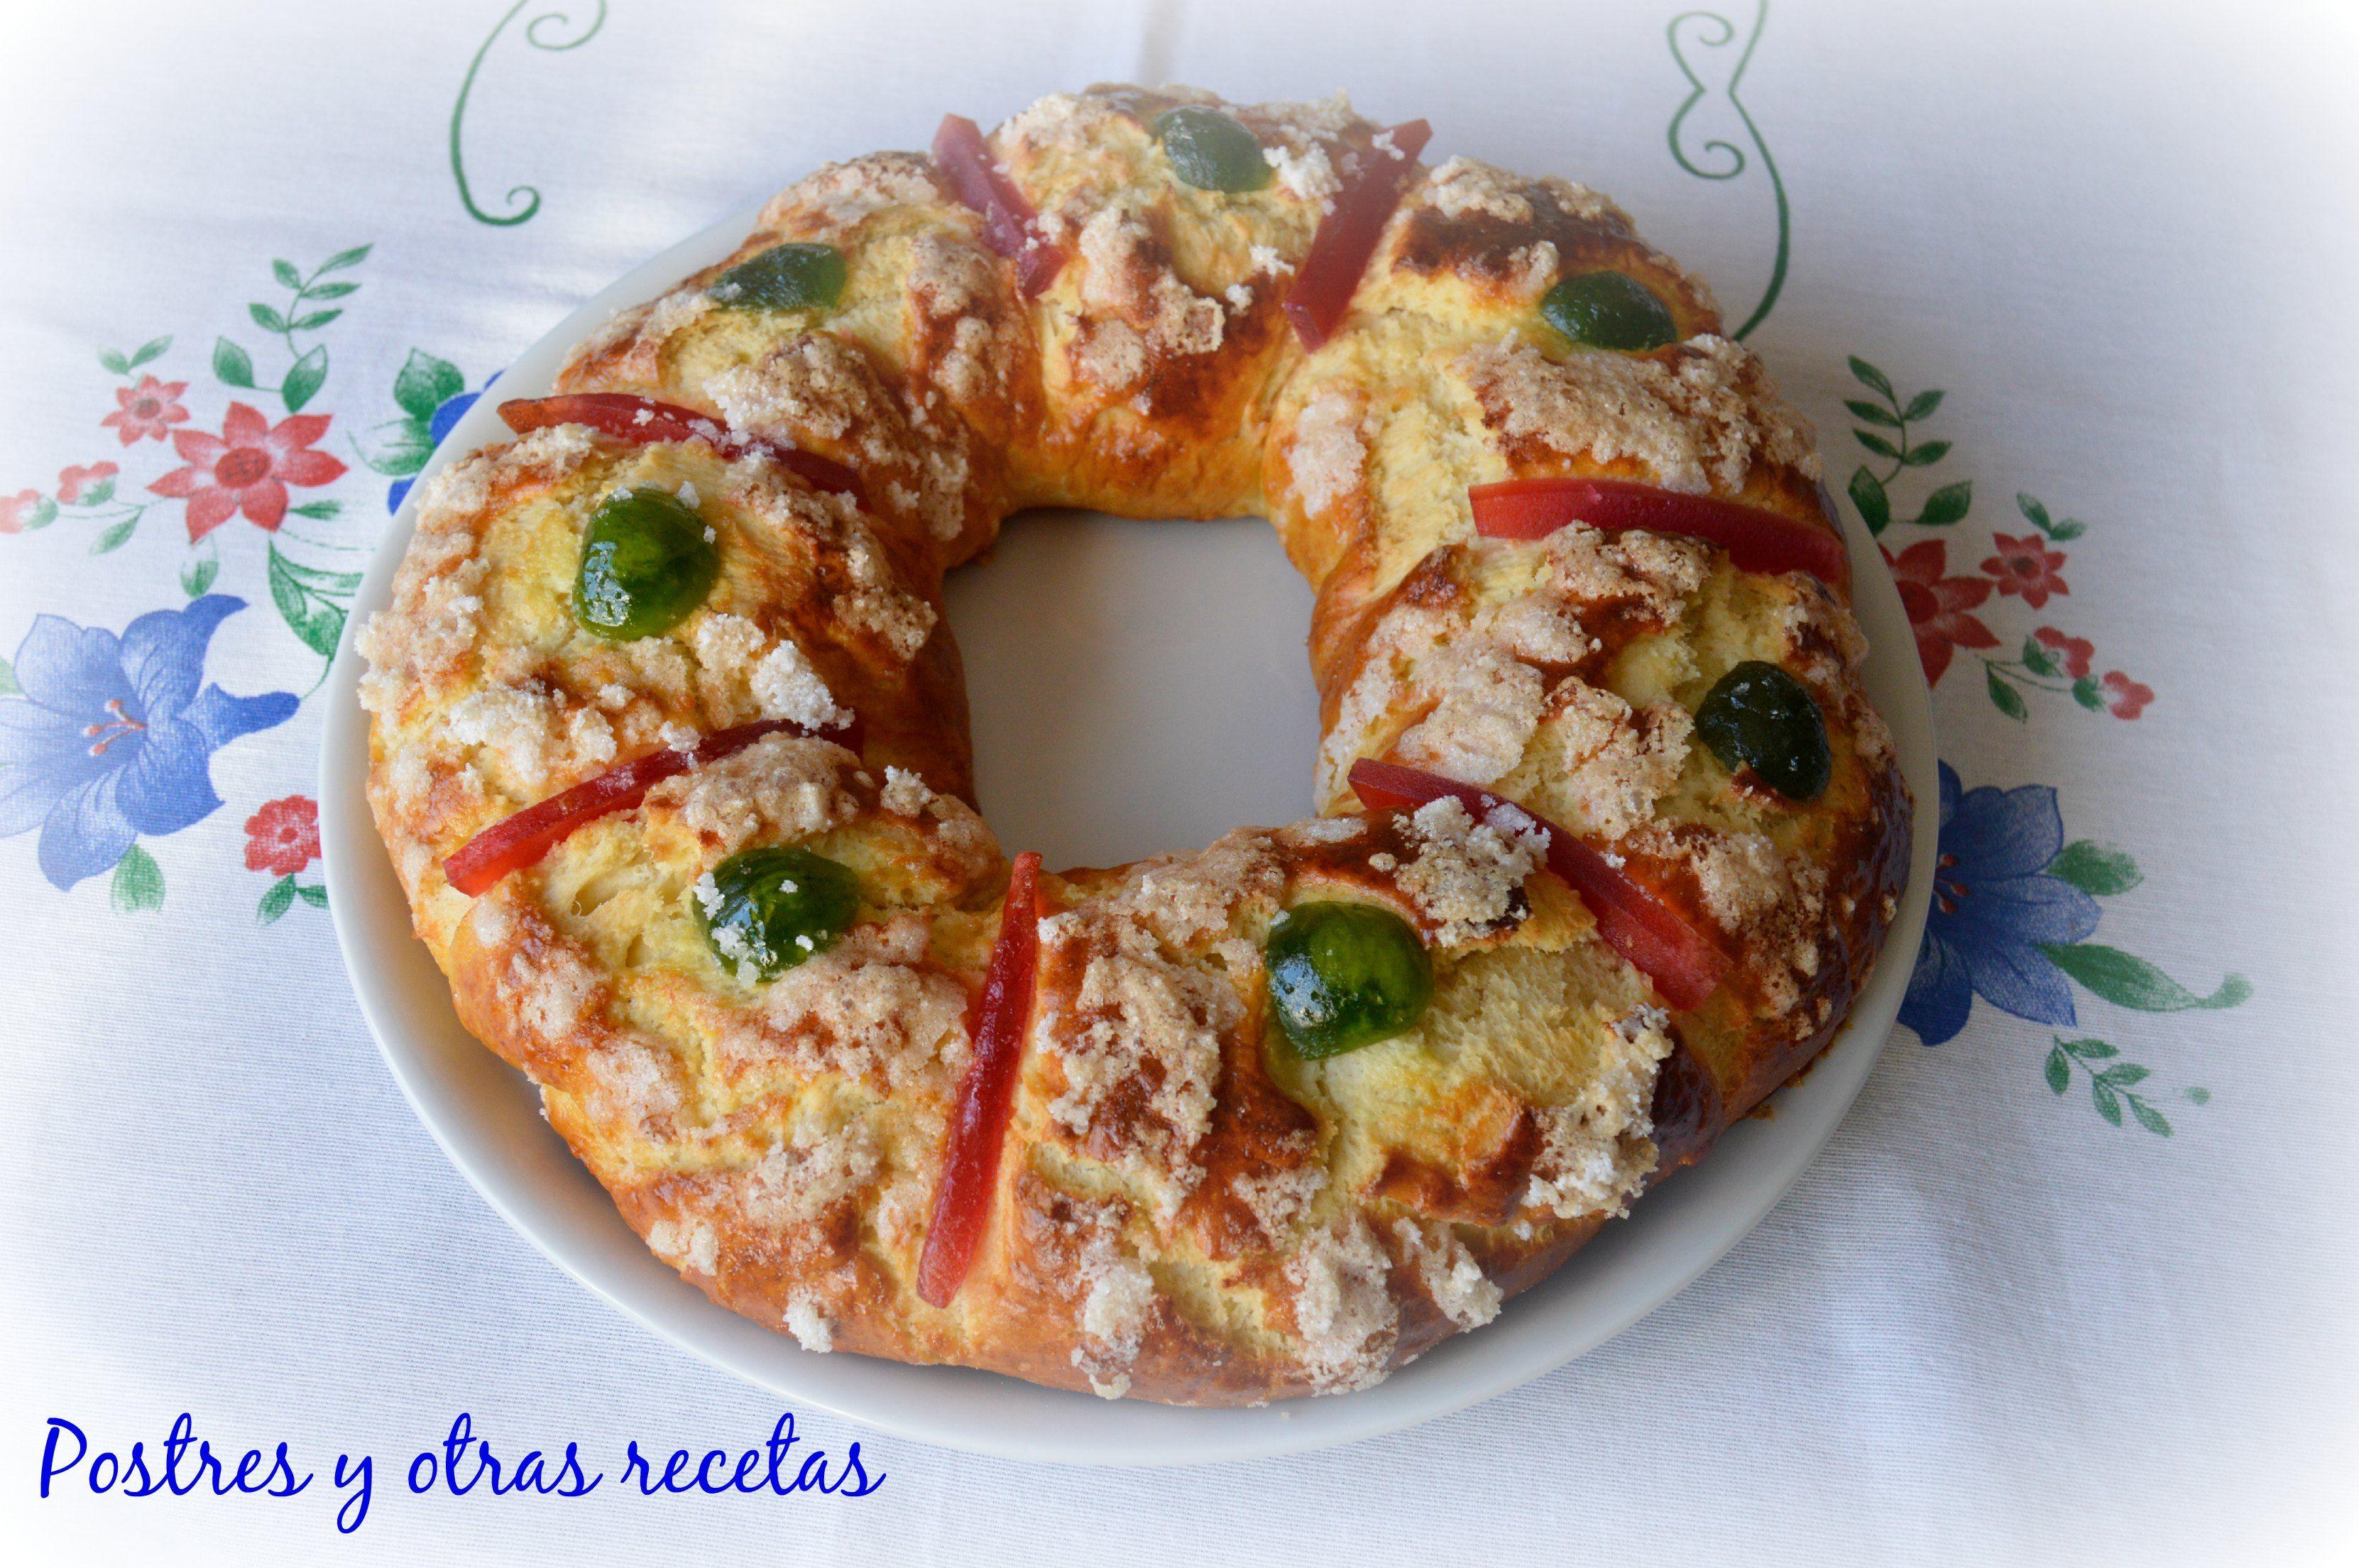 Rosca de Pascua. Receta en: postresyotrasrecetas.blogspot.com